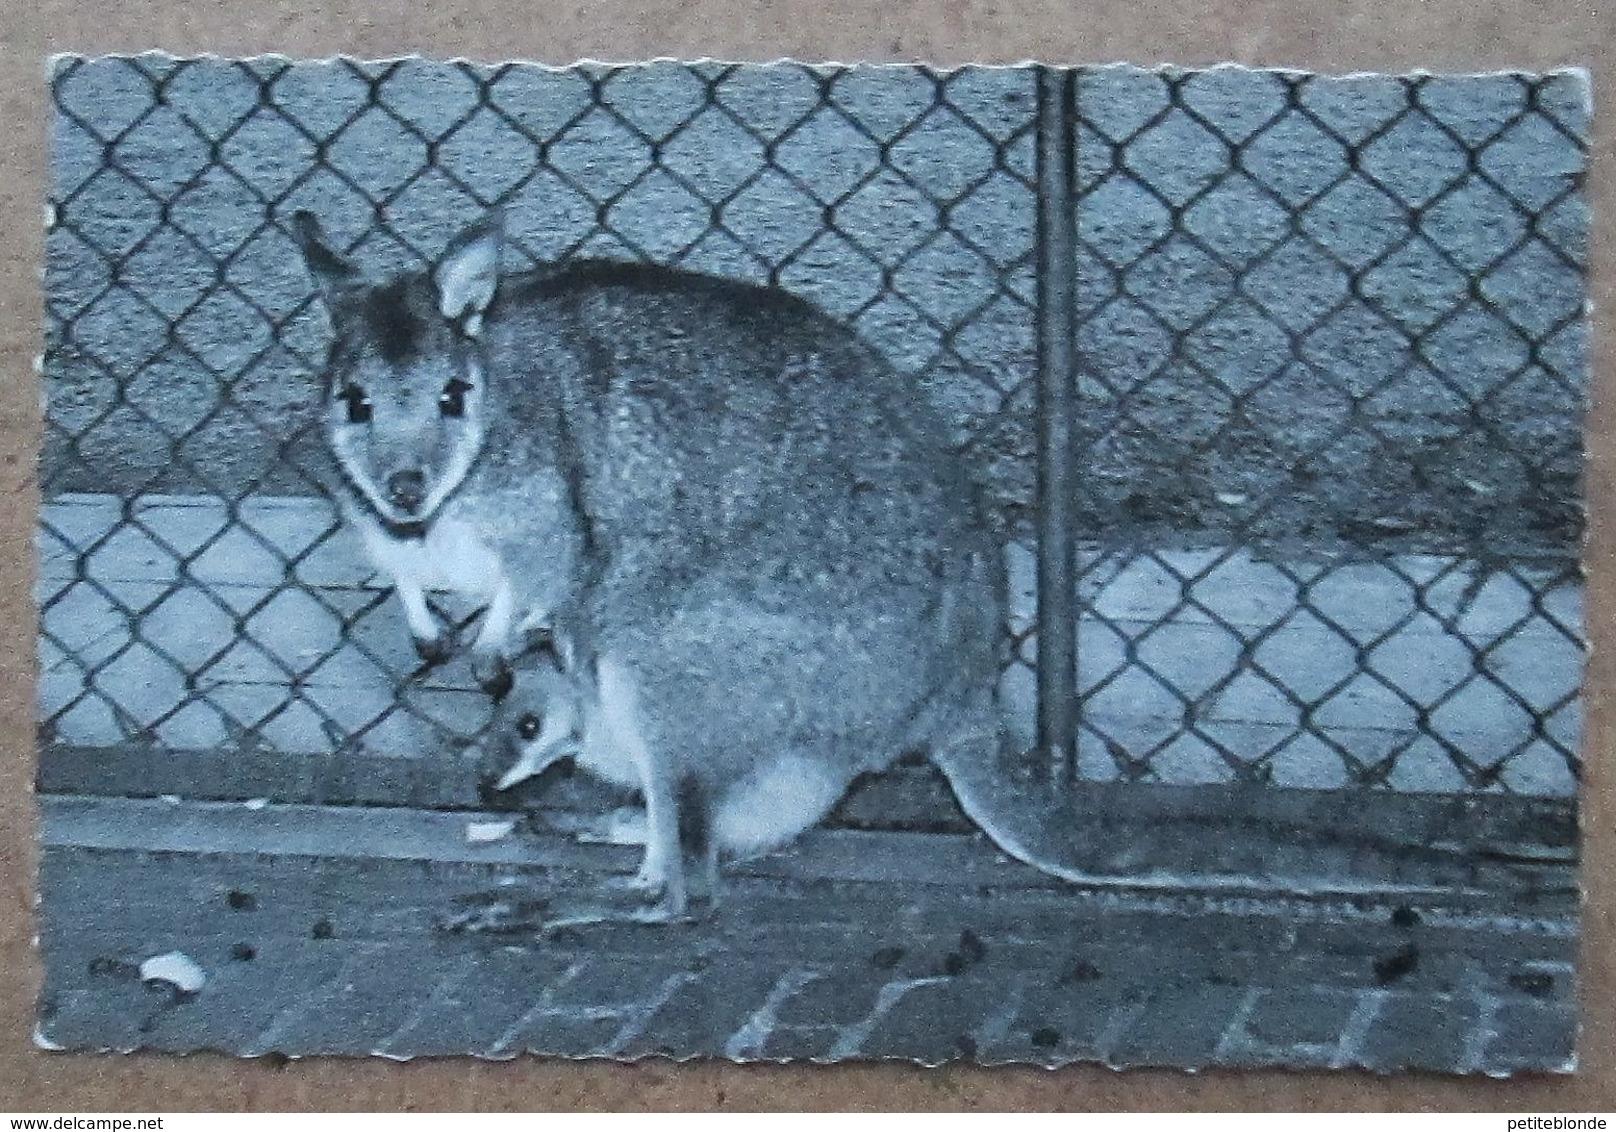 (K17) - Dierentuin Antwerpen - Kortstaart Kangaroe / Jardin Zoologique Anvers - Kangourou à Queue Courte - Antwerpen